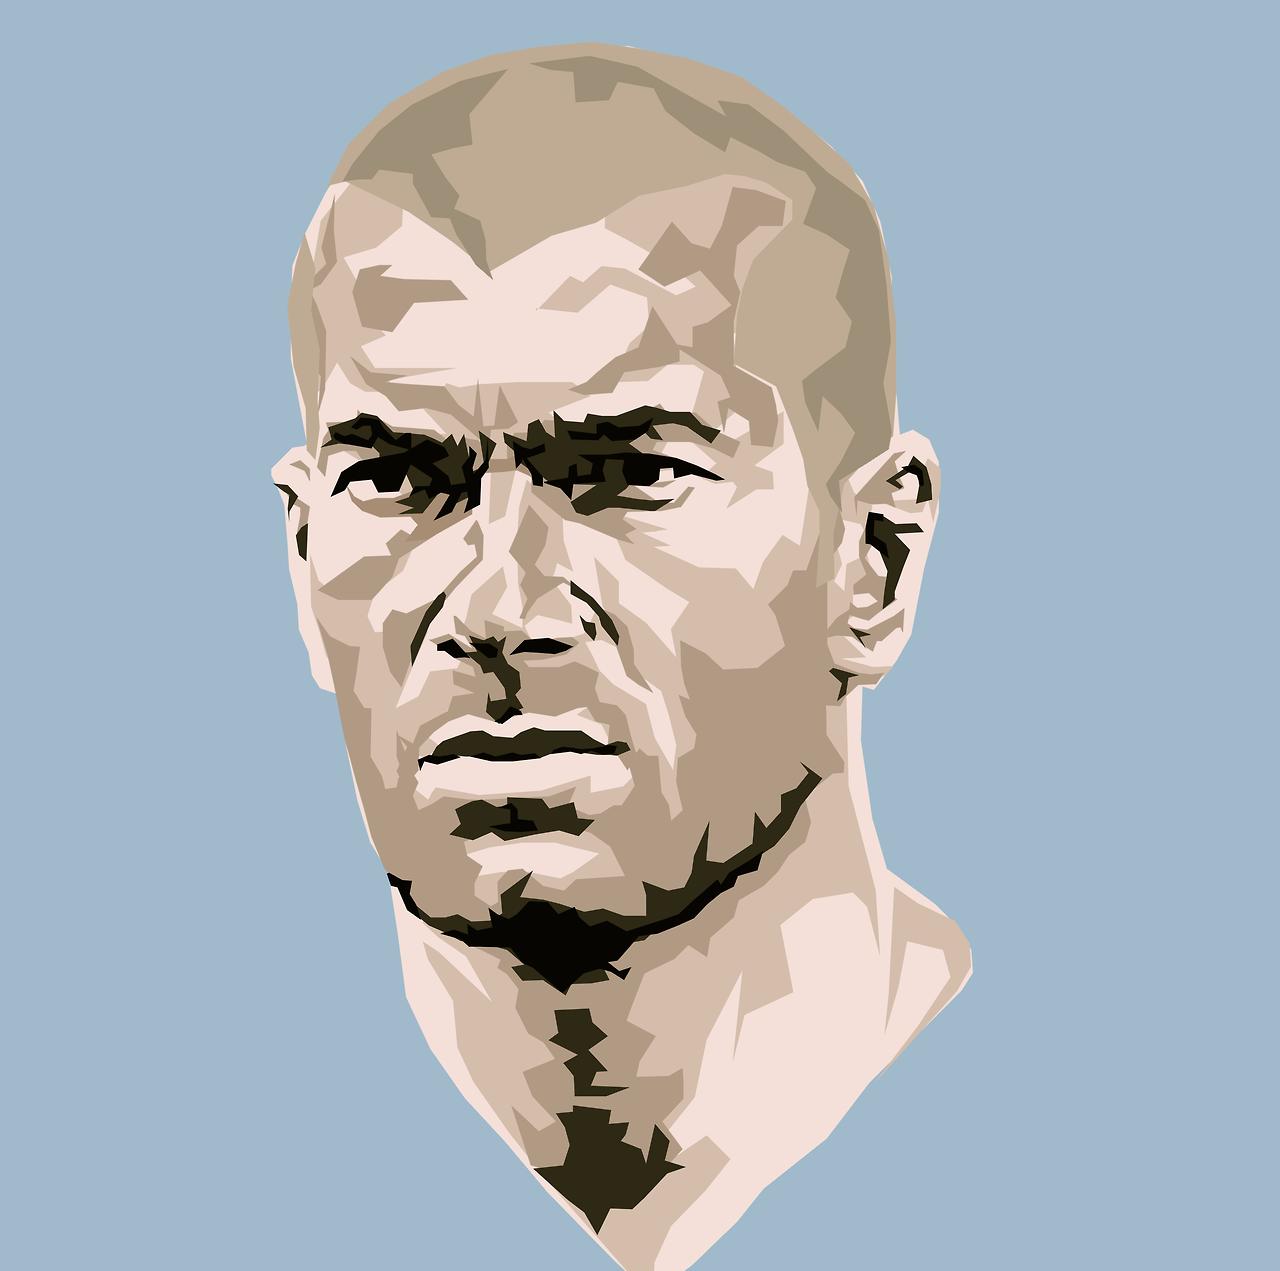 #LaCiudadDeLasEstrellas | El Madrid de Zidane y el Gato de Schrödinger